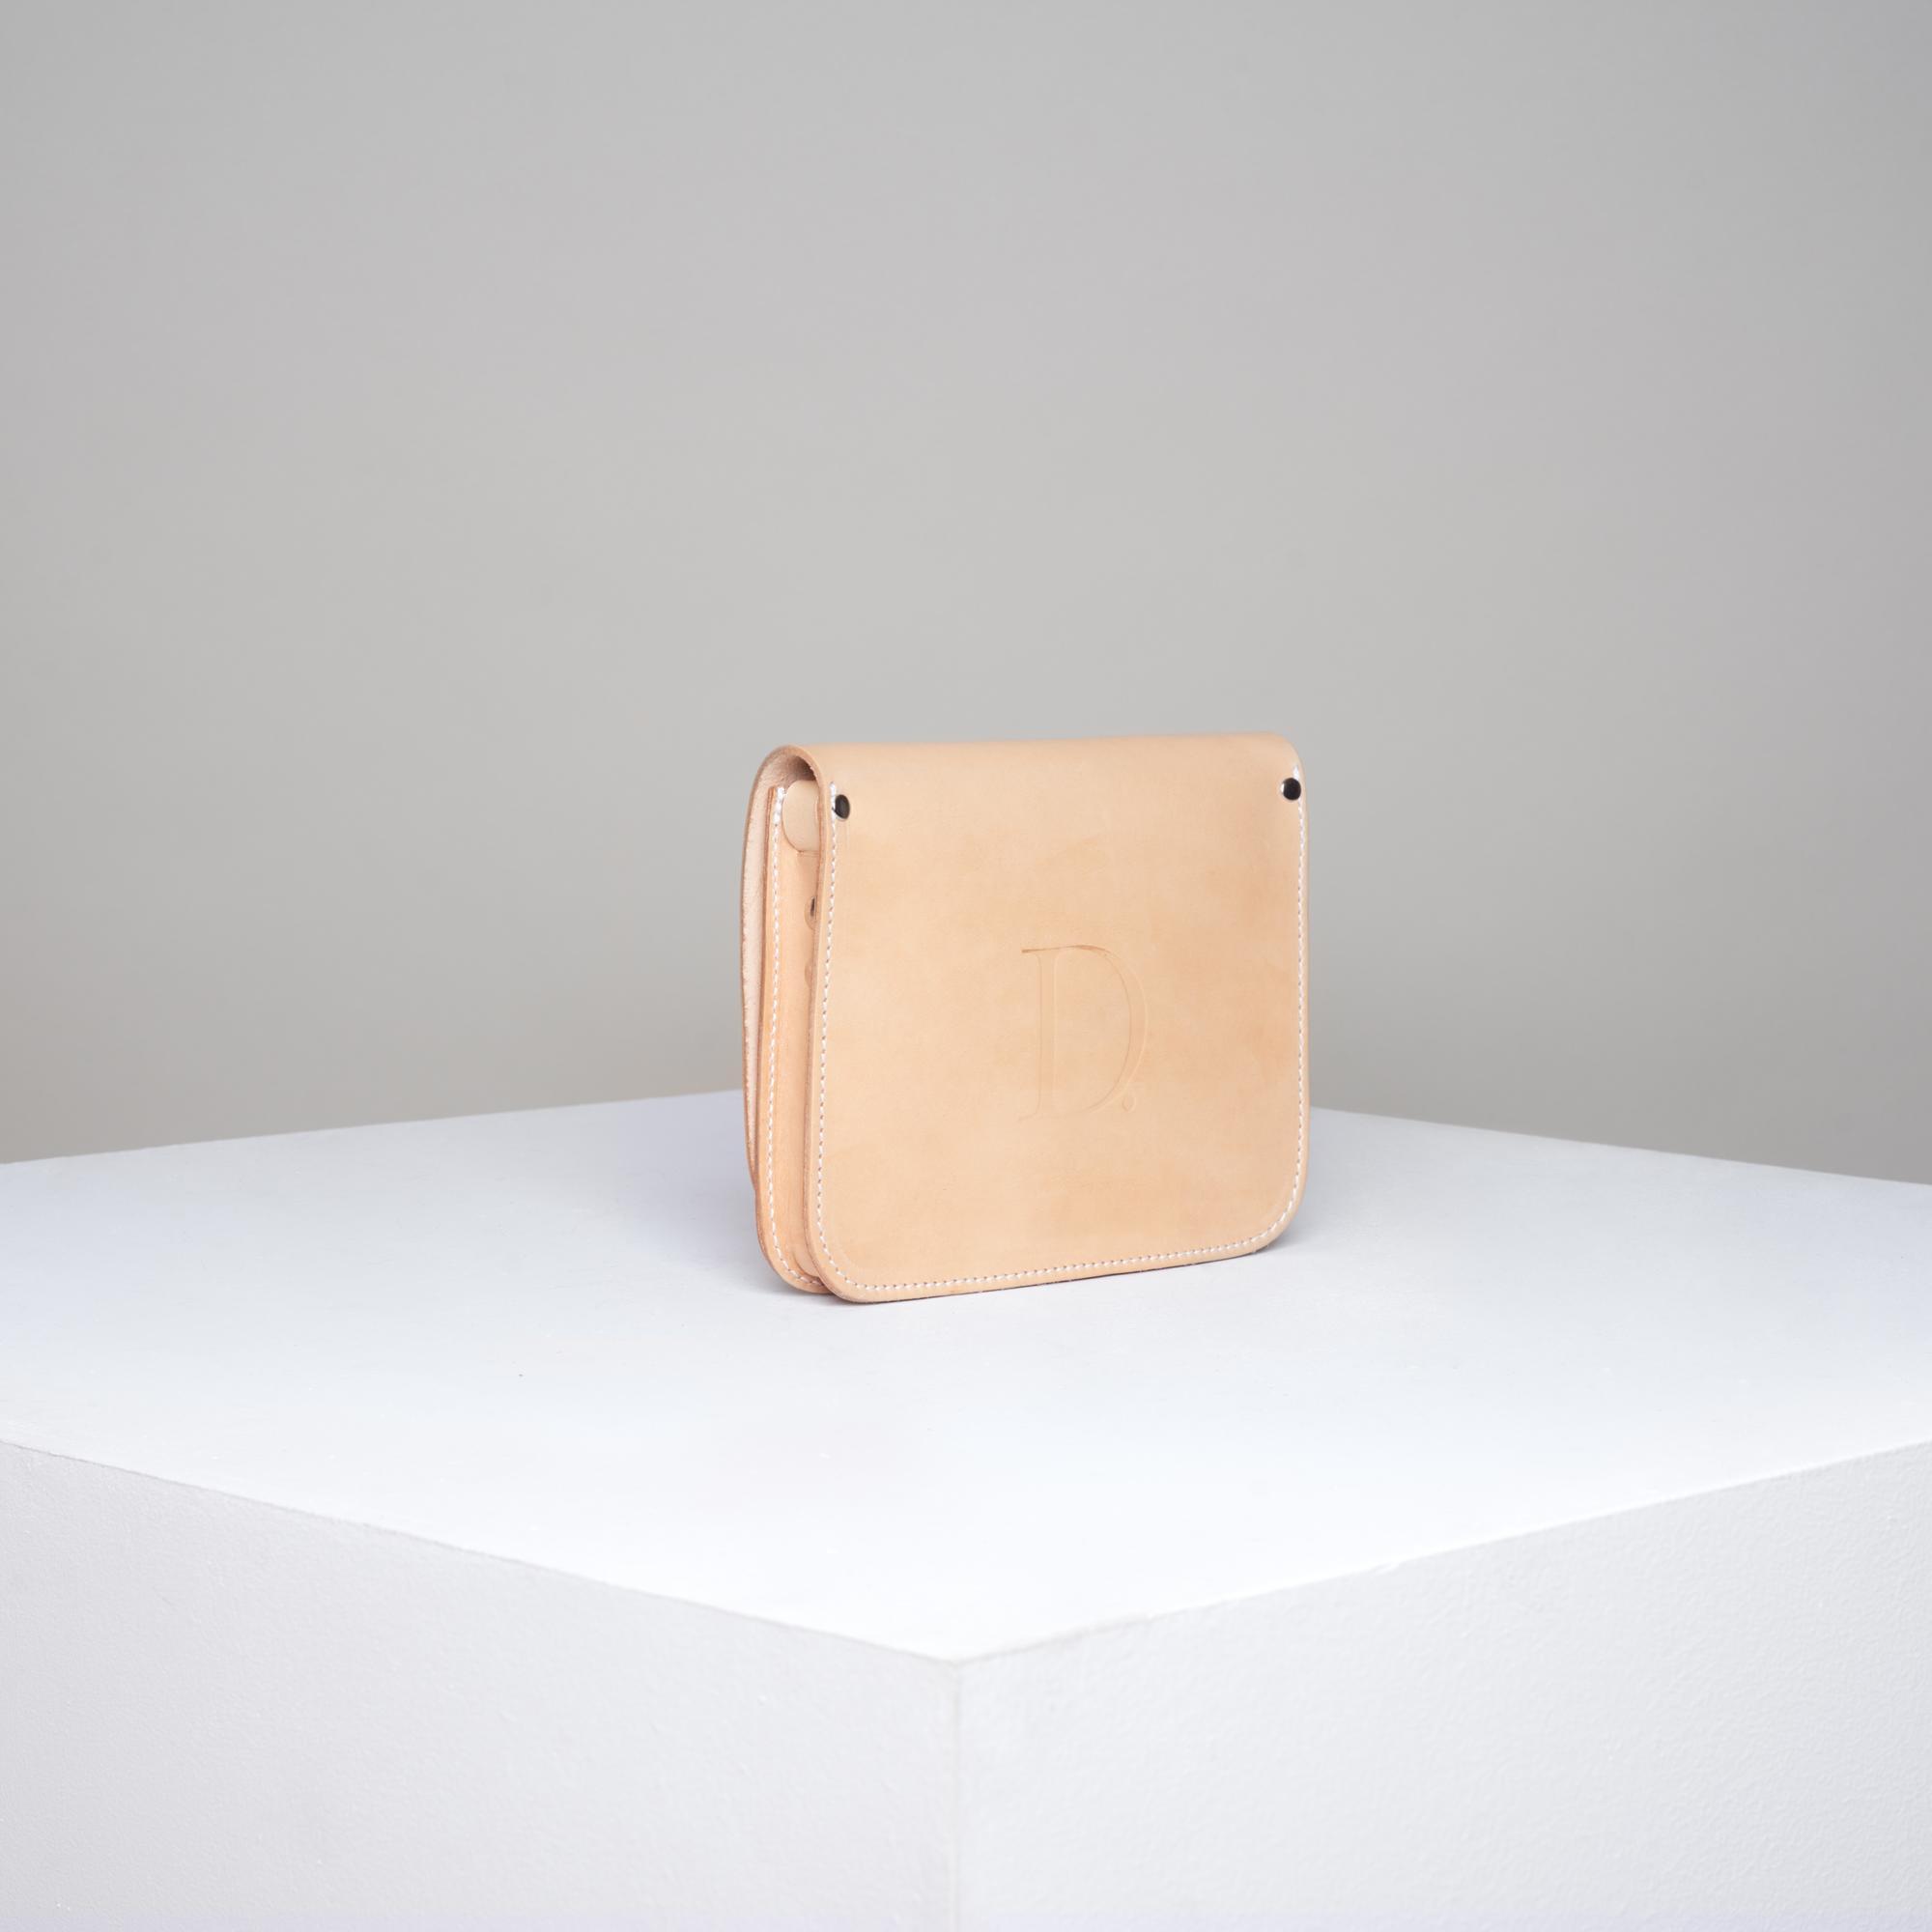 Skórzana torebka rozmiar S jasna beżowa - Departament.Store